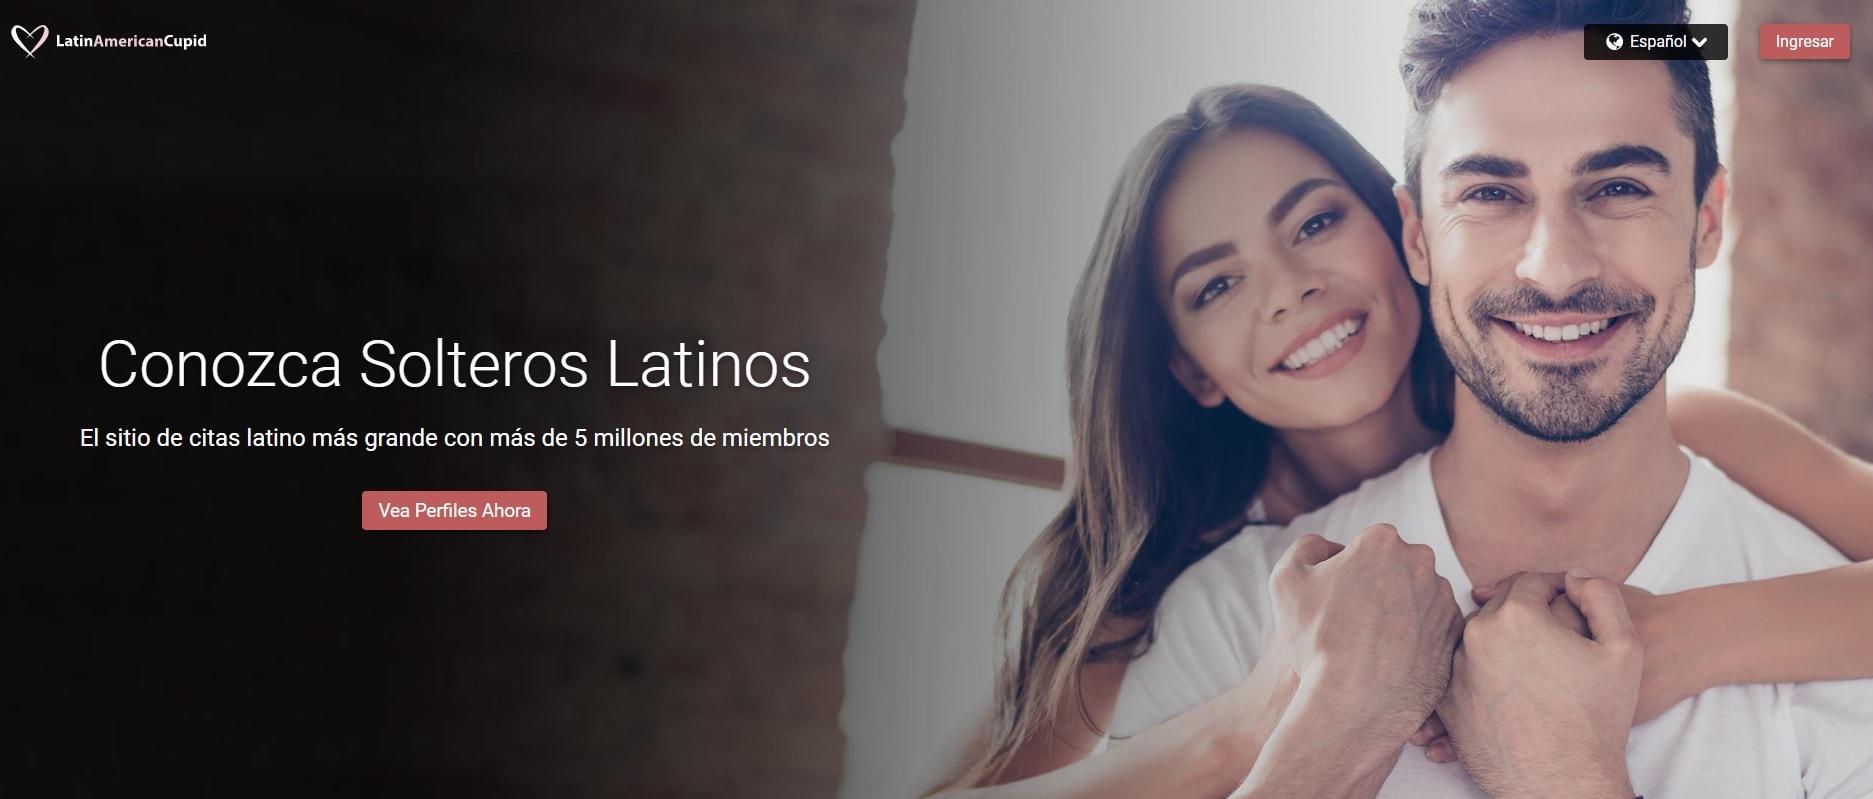 latinamericancupid-opiniones